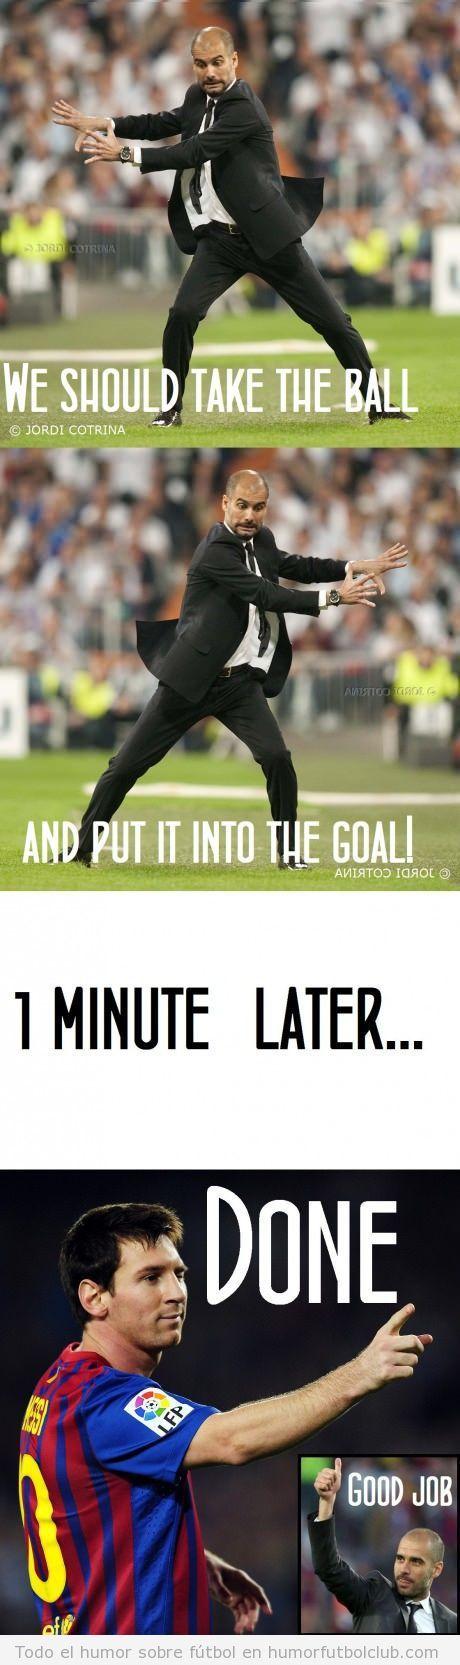 Claves de éxito del fútbol de Pep Guardiola Humor